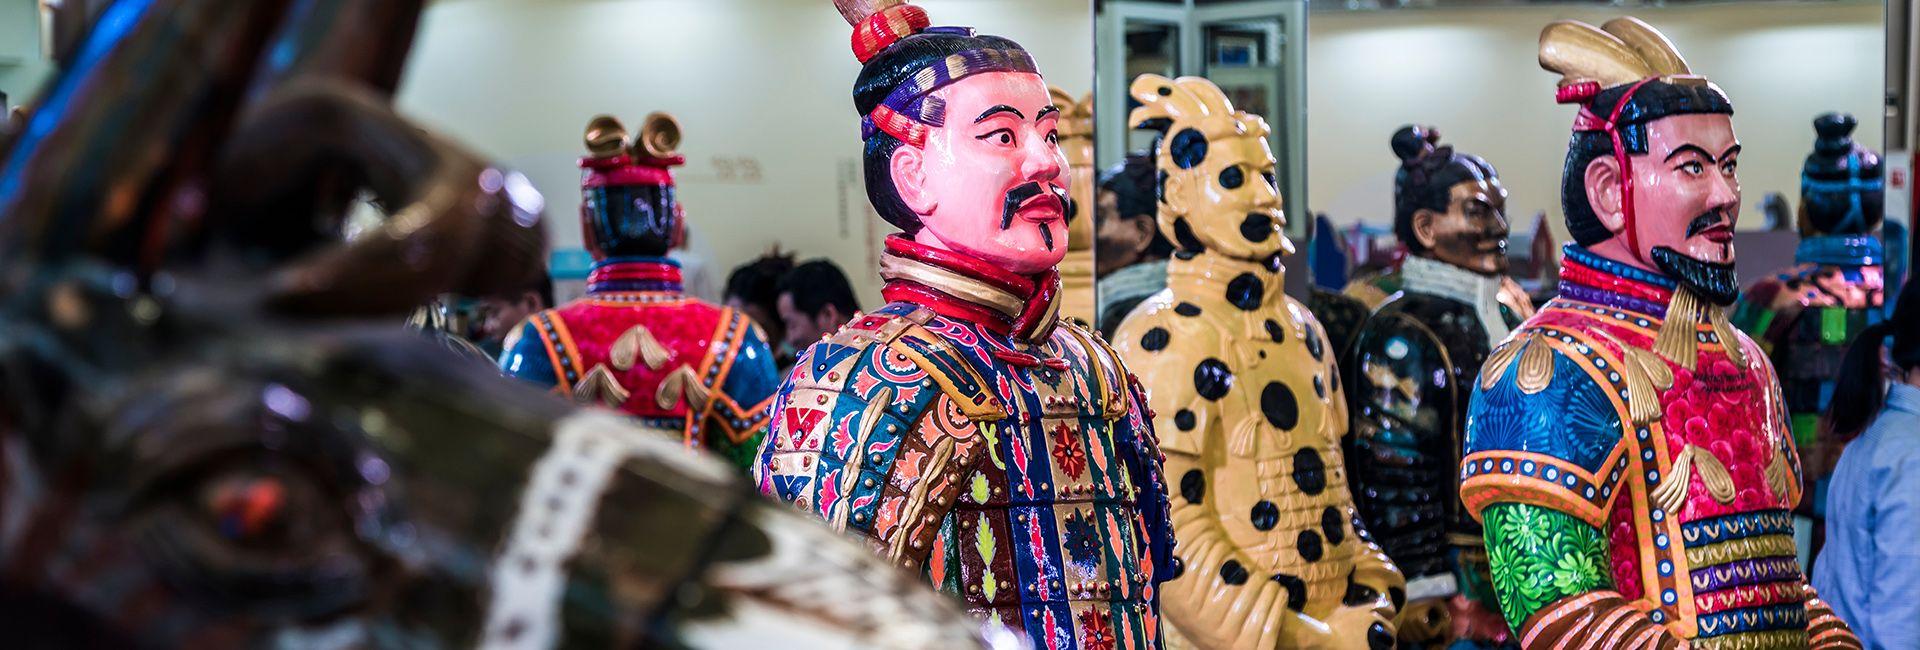 Mua gì làm quà khi du lịch Tây An, Trung Quốc?